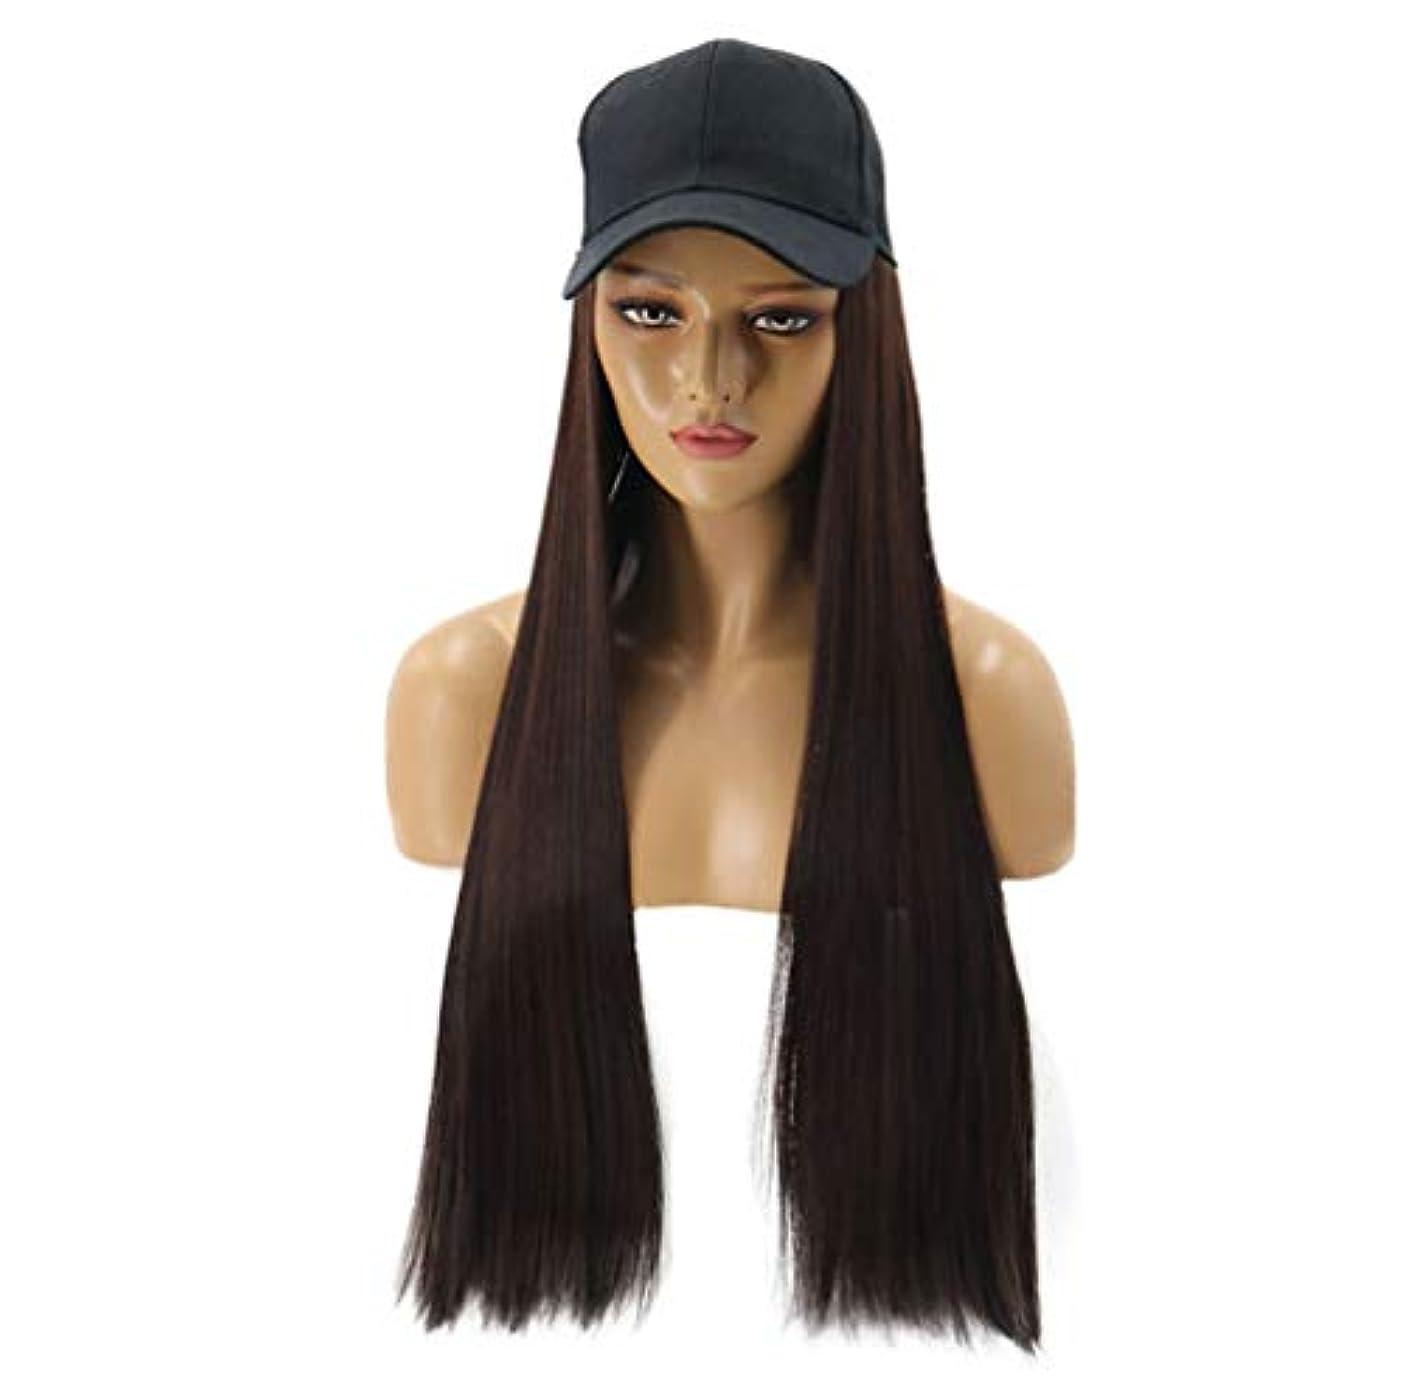 サービス弁護キウイ調節可能な黒の野球帽が付いた人工毛エクステンション付きの女性のナチュラルロングストレートウィッグ